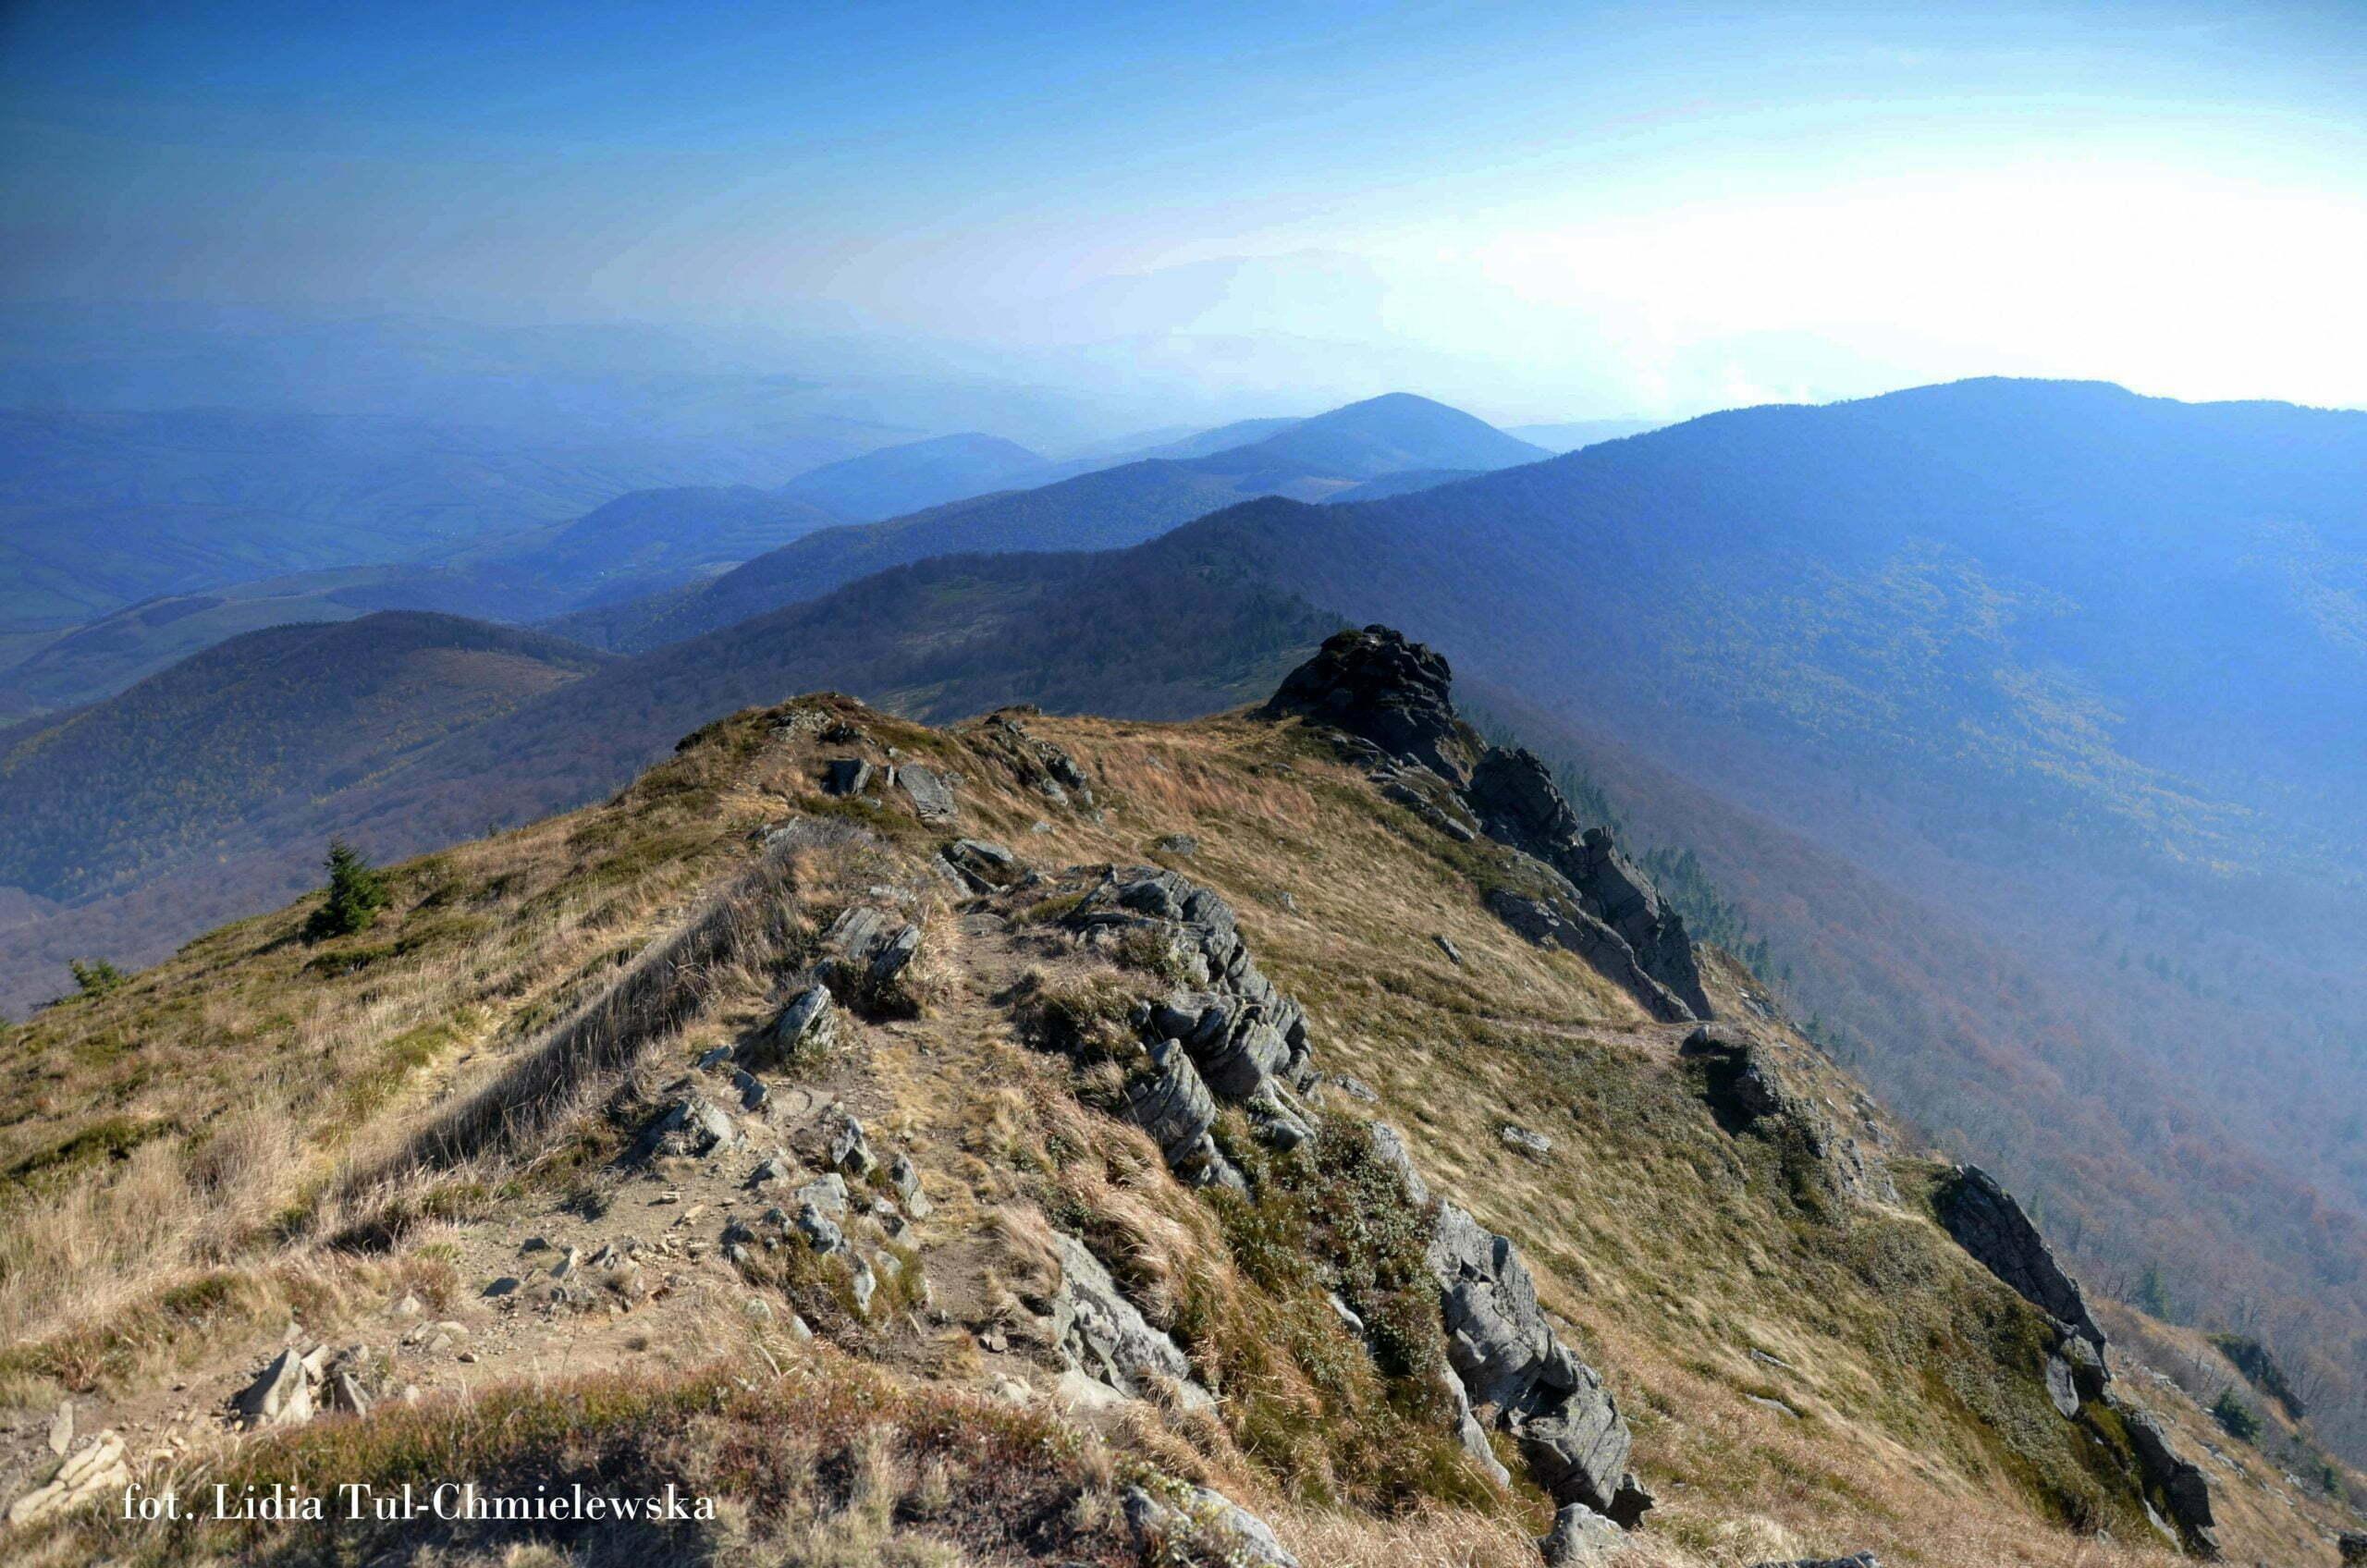 Jak okiem sięgnąć góry fot. Lidia Tul-Chmielewska